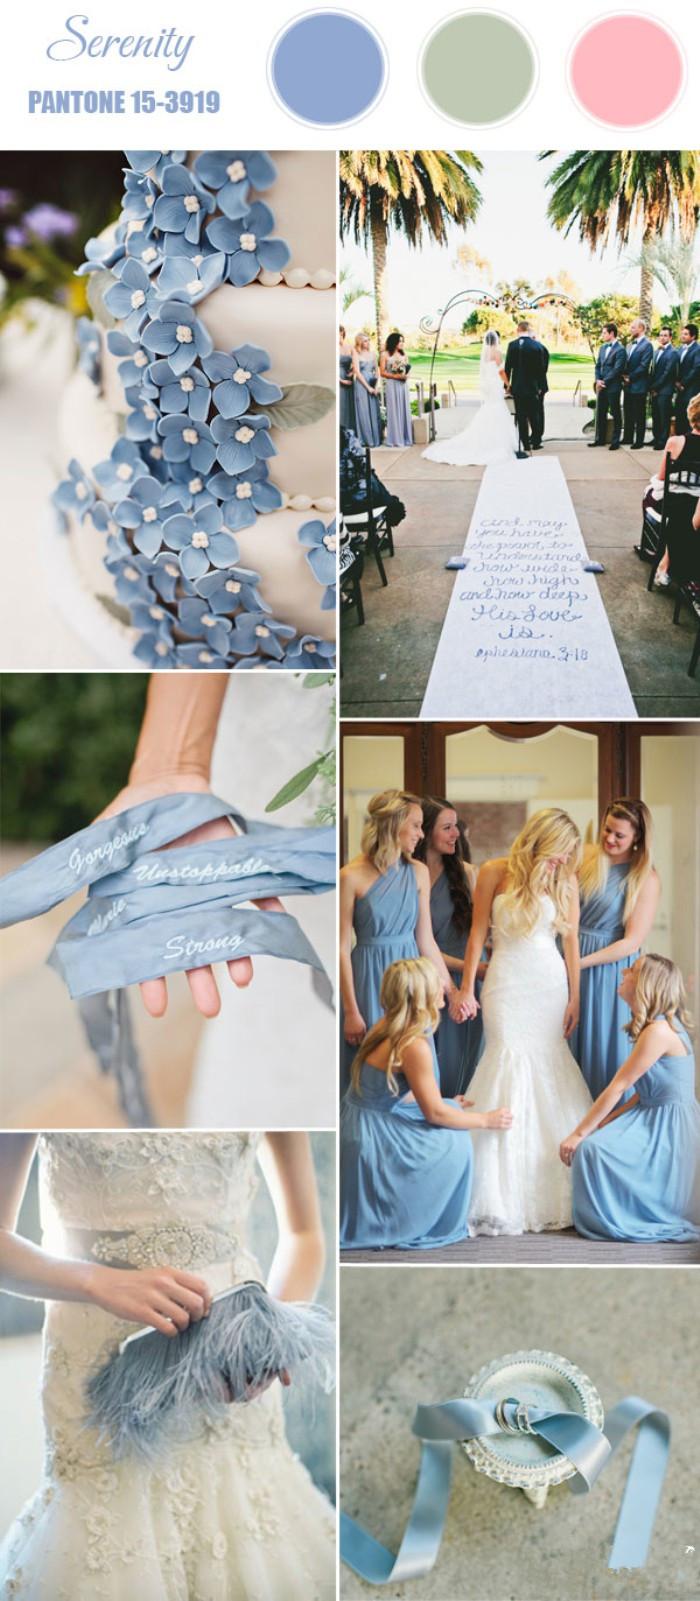 2016年春季流行婚纱颜色 打造最时尚婚礼